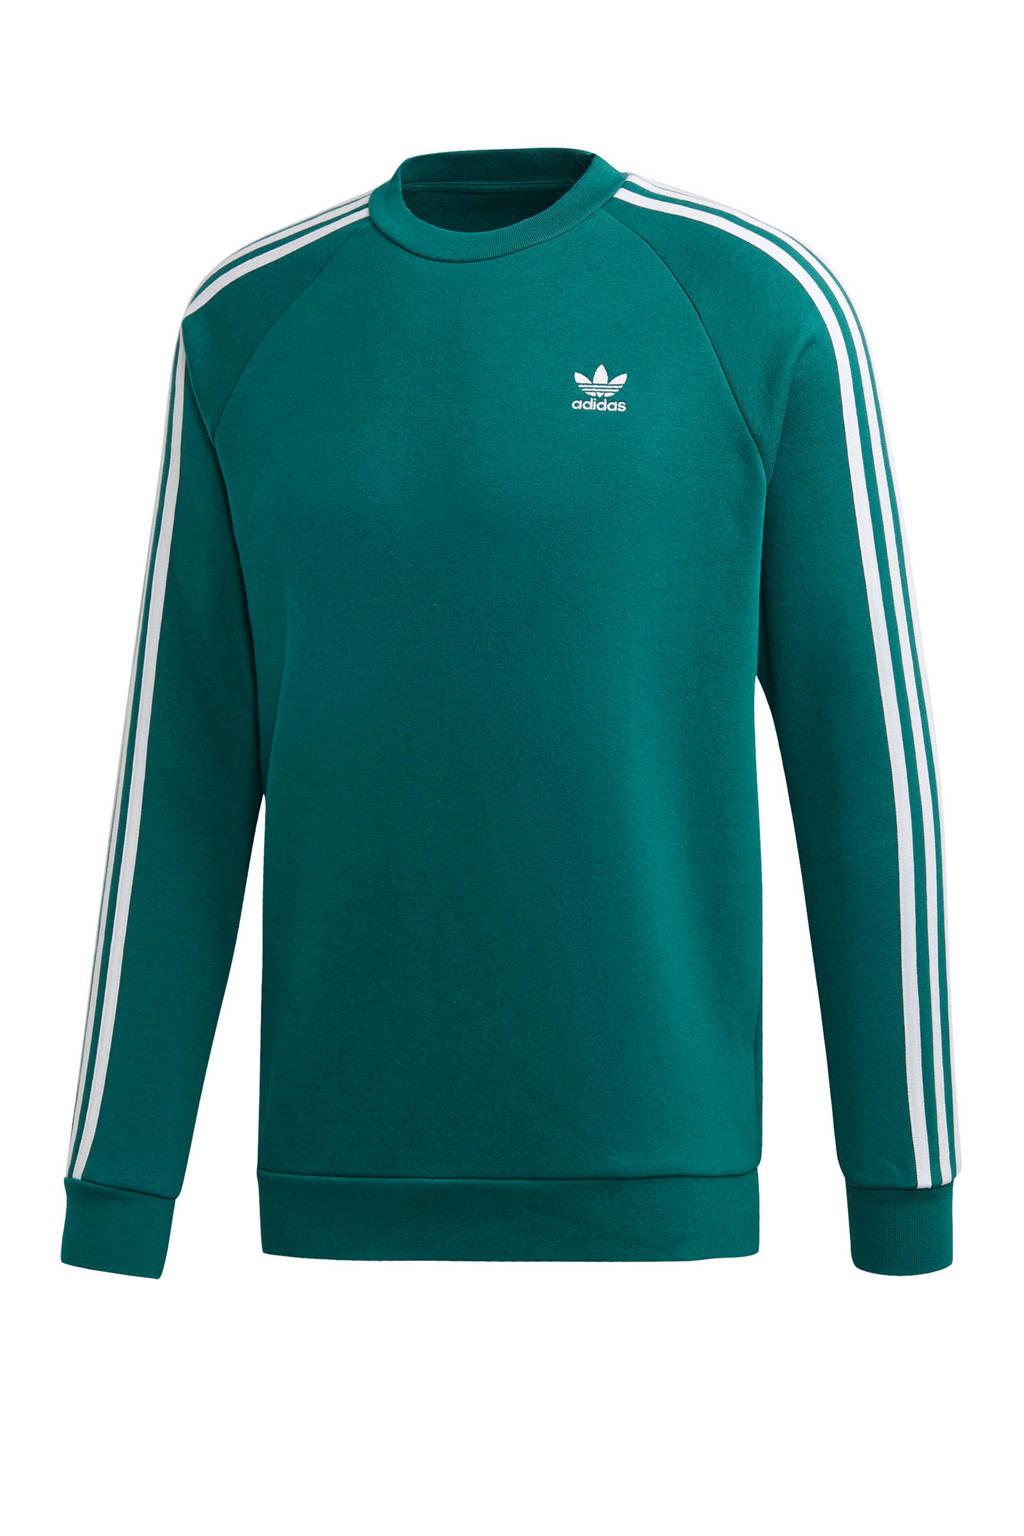 adidas originals   Adicolor sweater groen, Groen